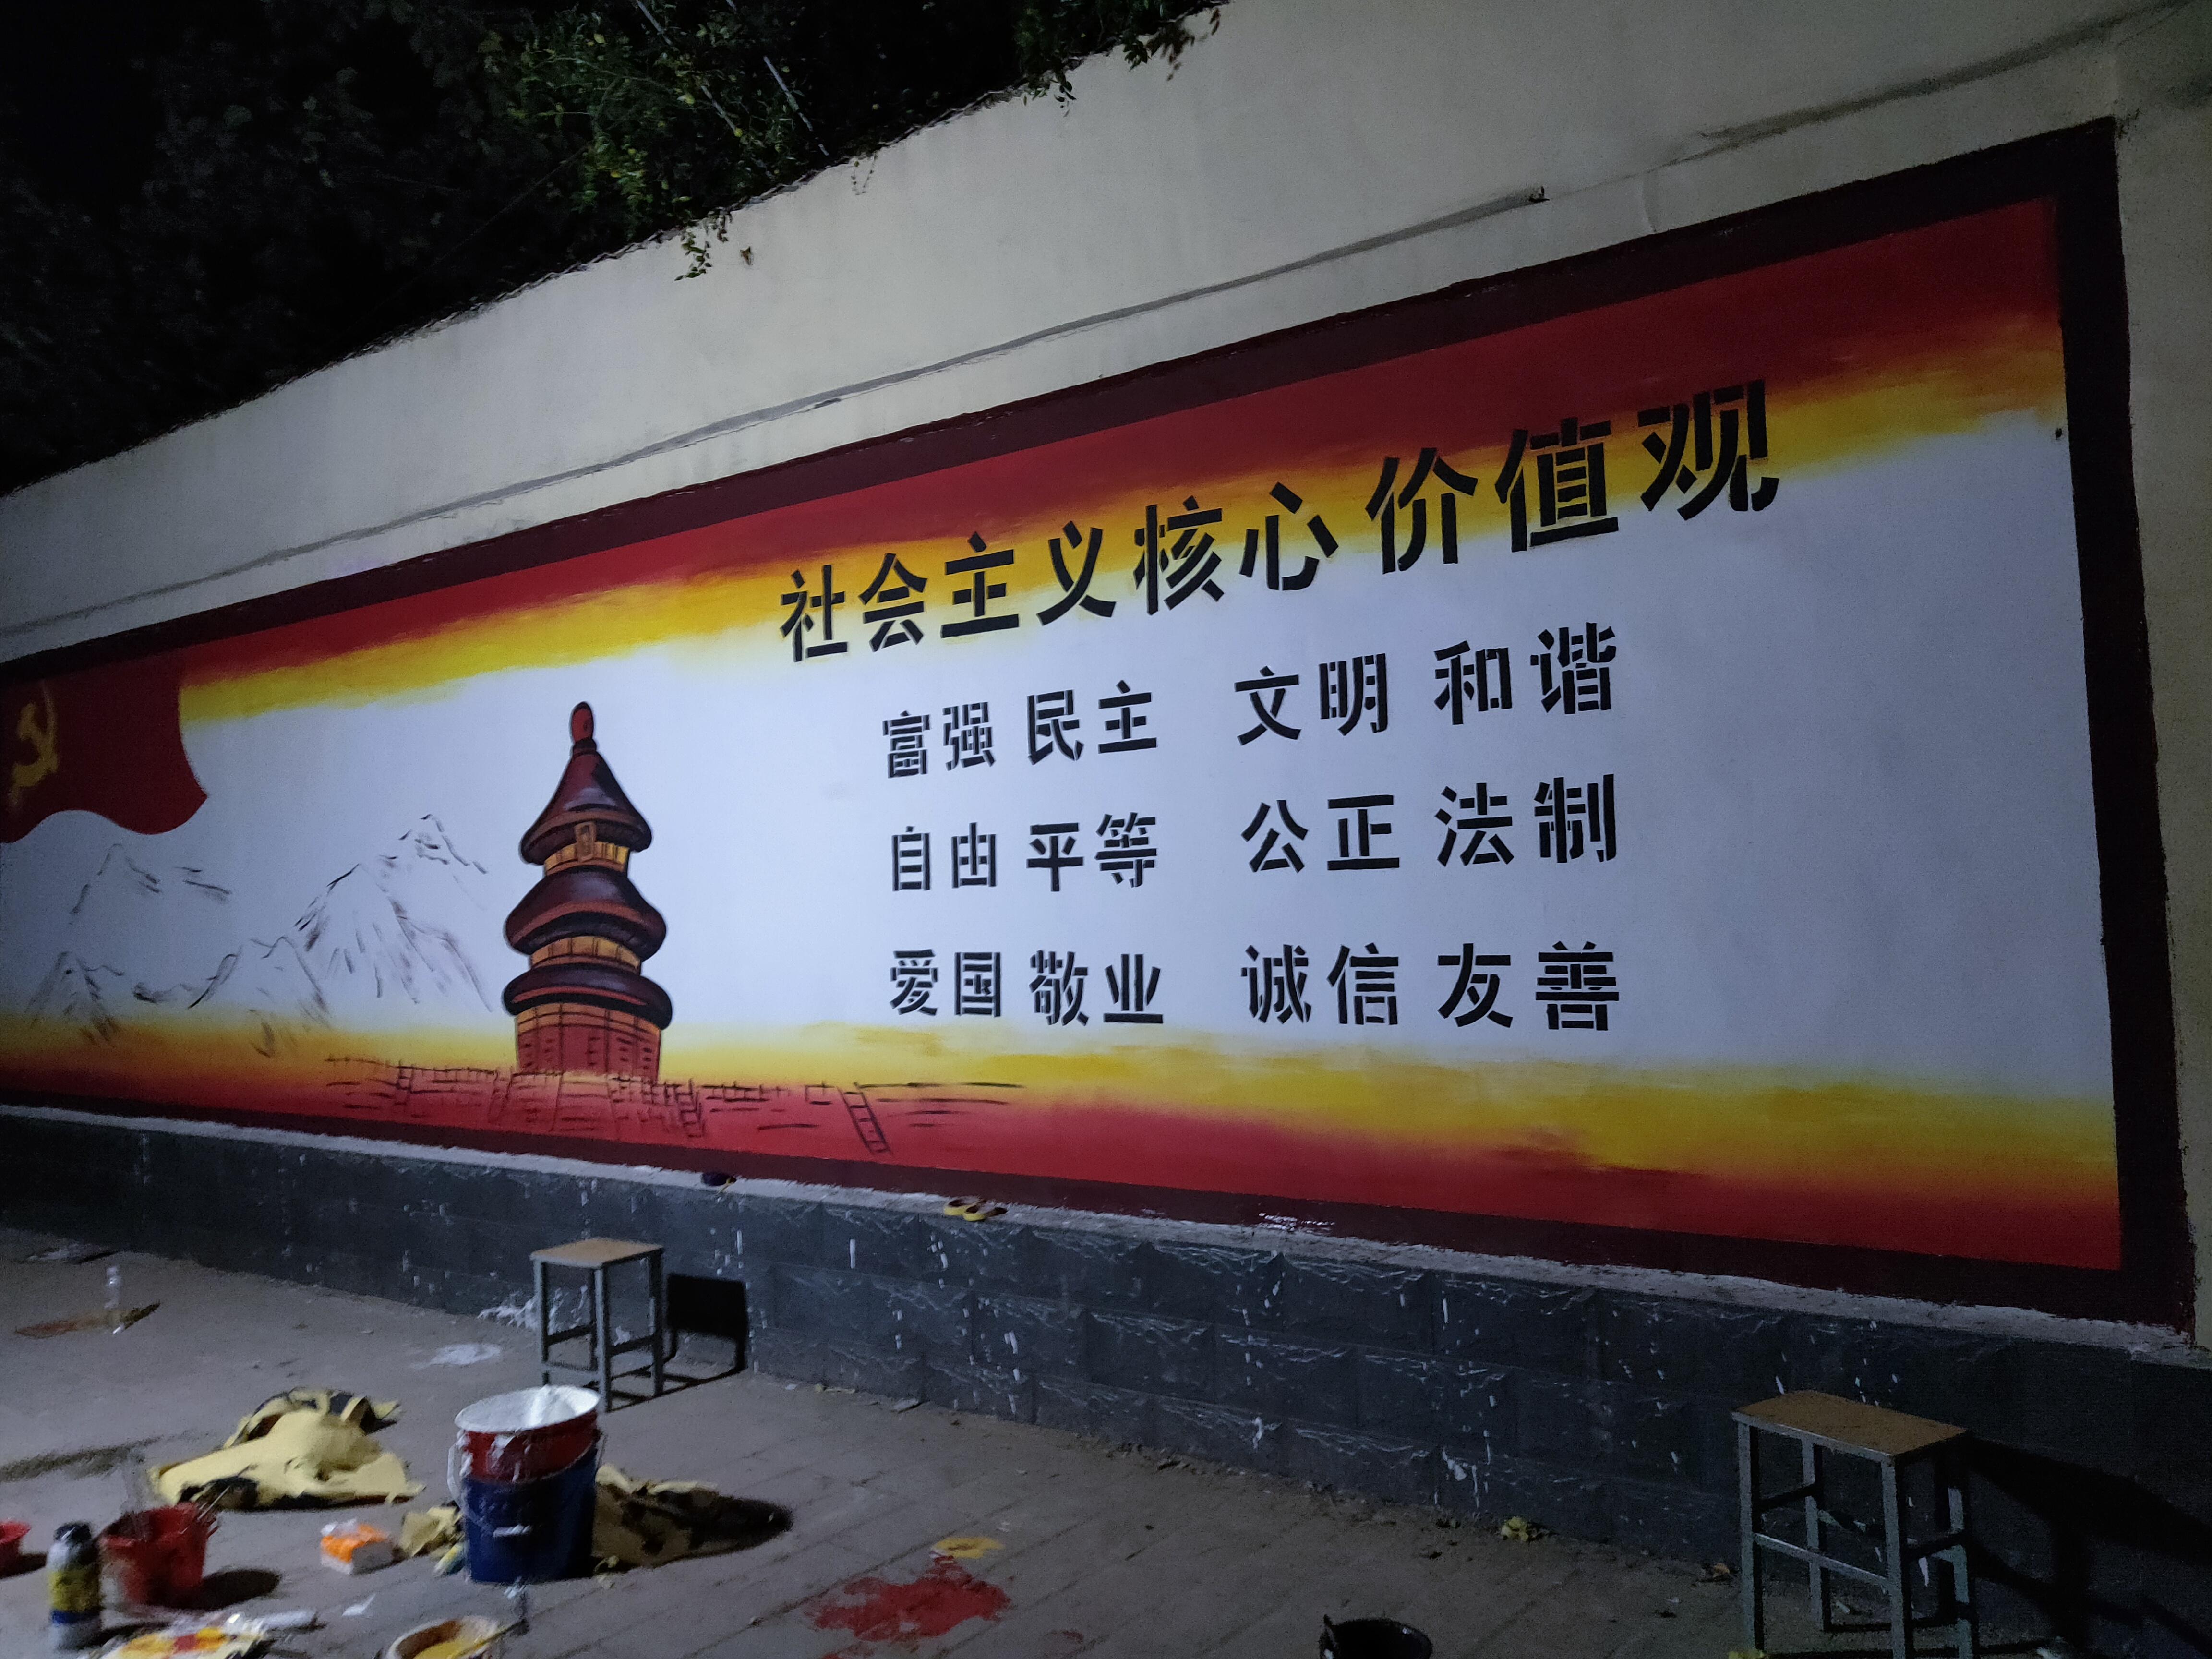 泰安市邱家店实验中学 社会主义核心价值观文化墙